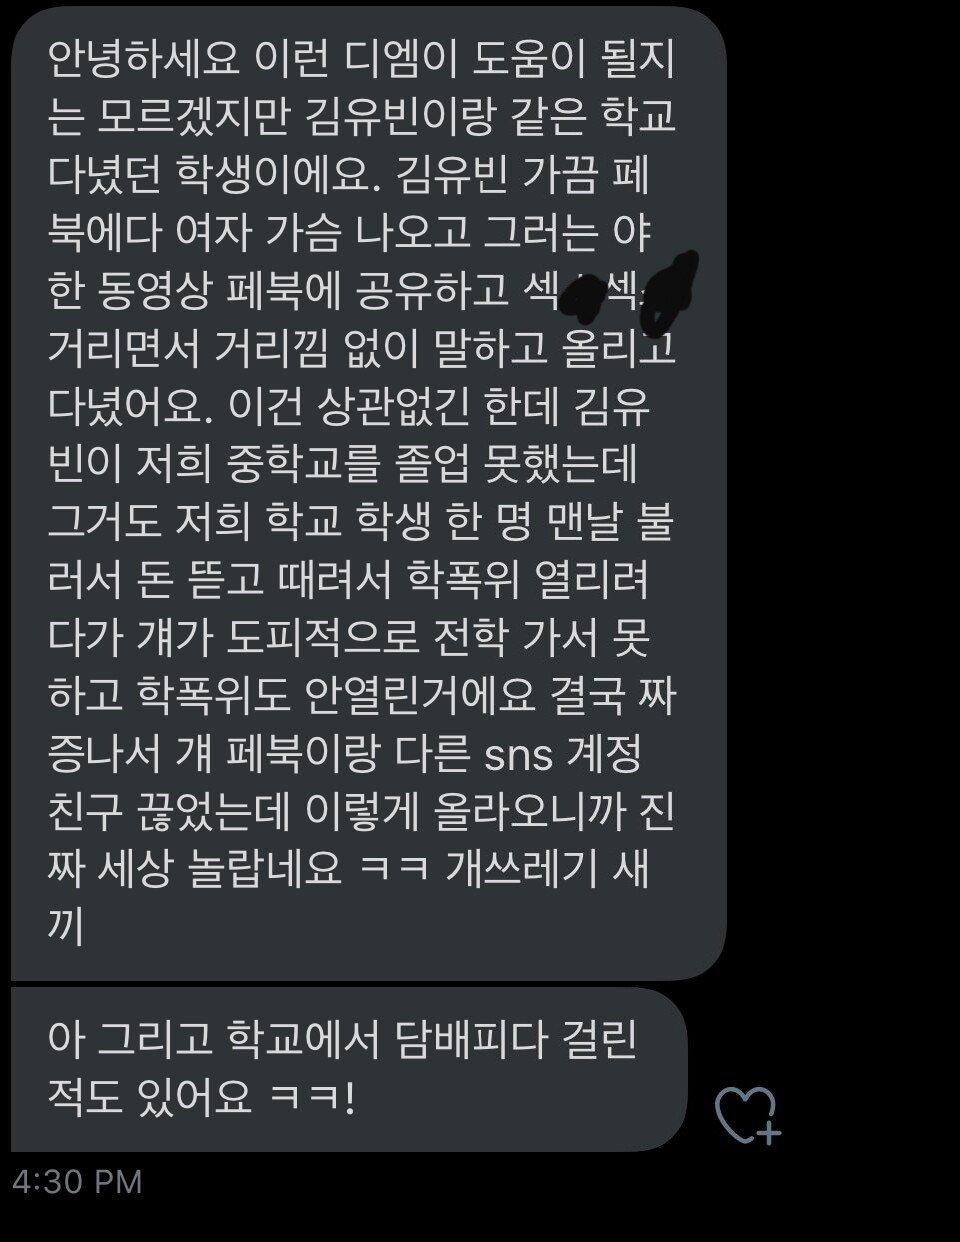 20200326_092204.jpg 김유빈 죽이기 시작한 그 분들.jpg